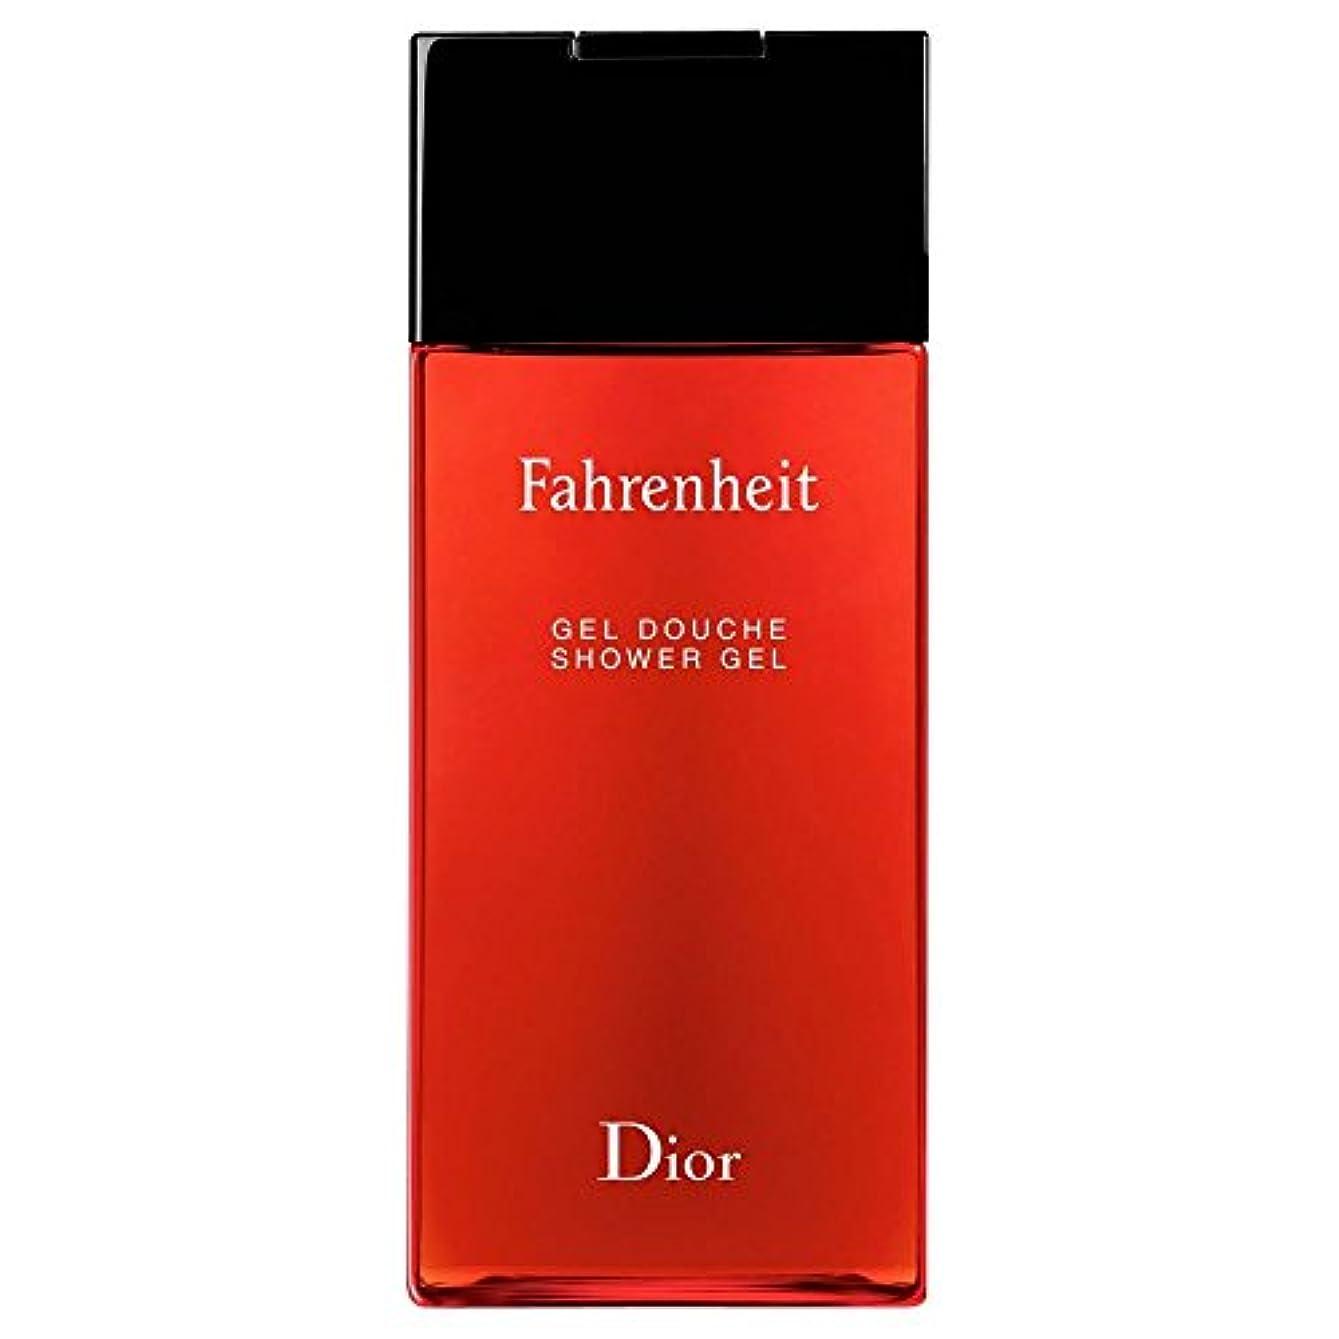 経済資本支払う[Dior] ディオール華氏発泡シャワージェル200Ml - Dior Fahrenheit Foaming Shower Gel 200ml [並行輸入品]